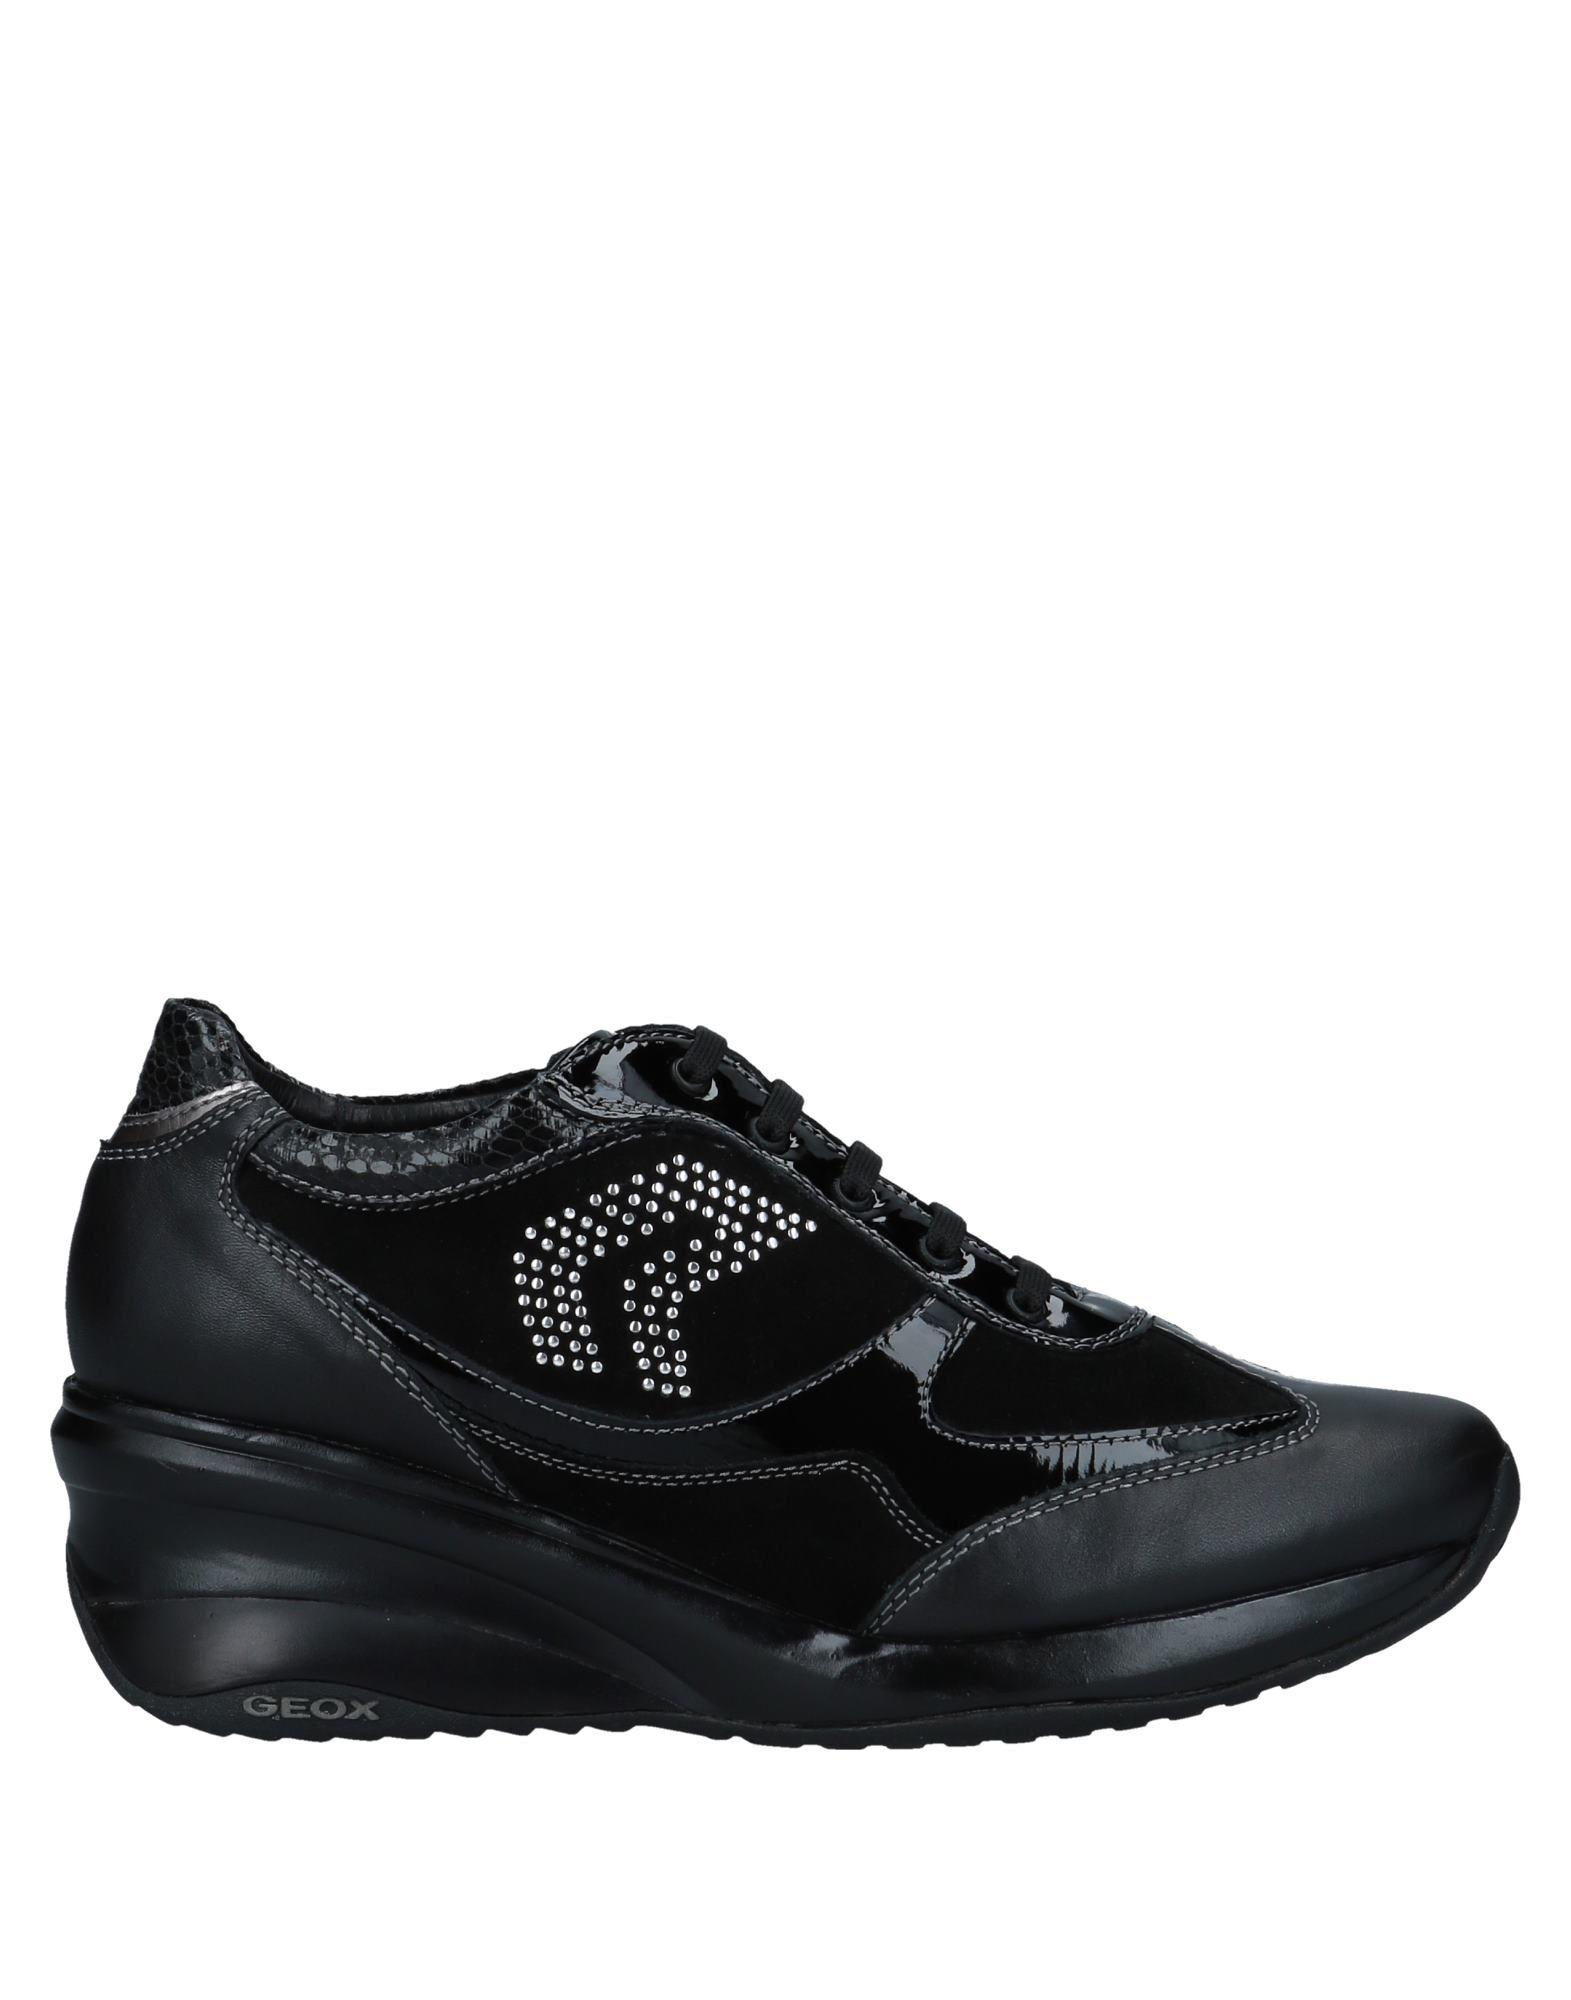 Geox Sneakers  - Women Geox Sneakers online on  Sneakers Australia - 11548059QR bc8c94